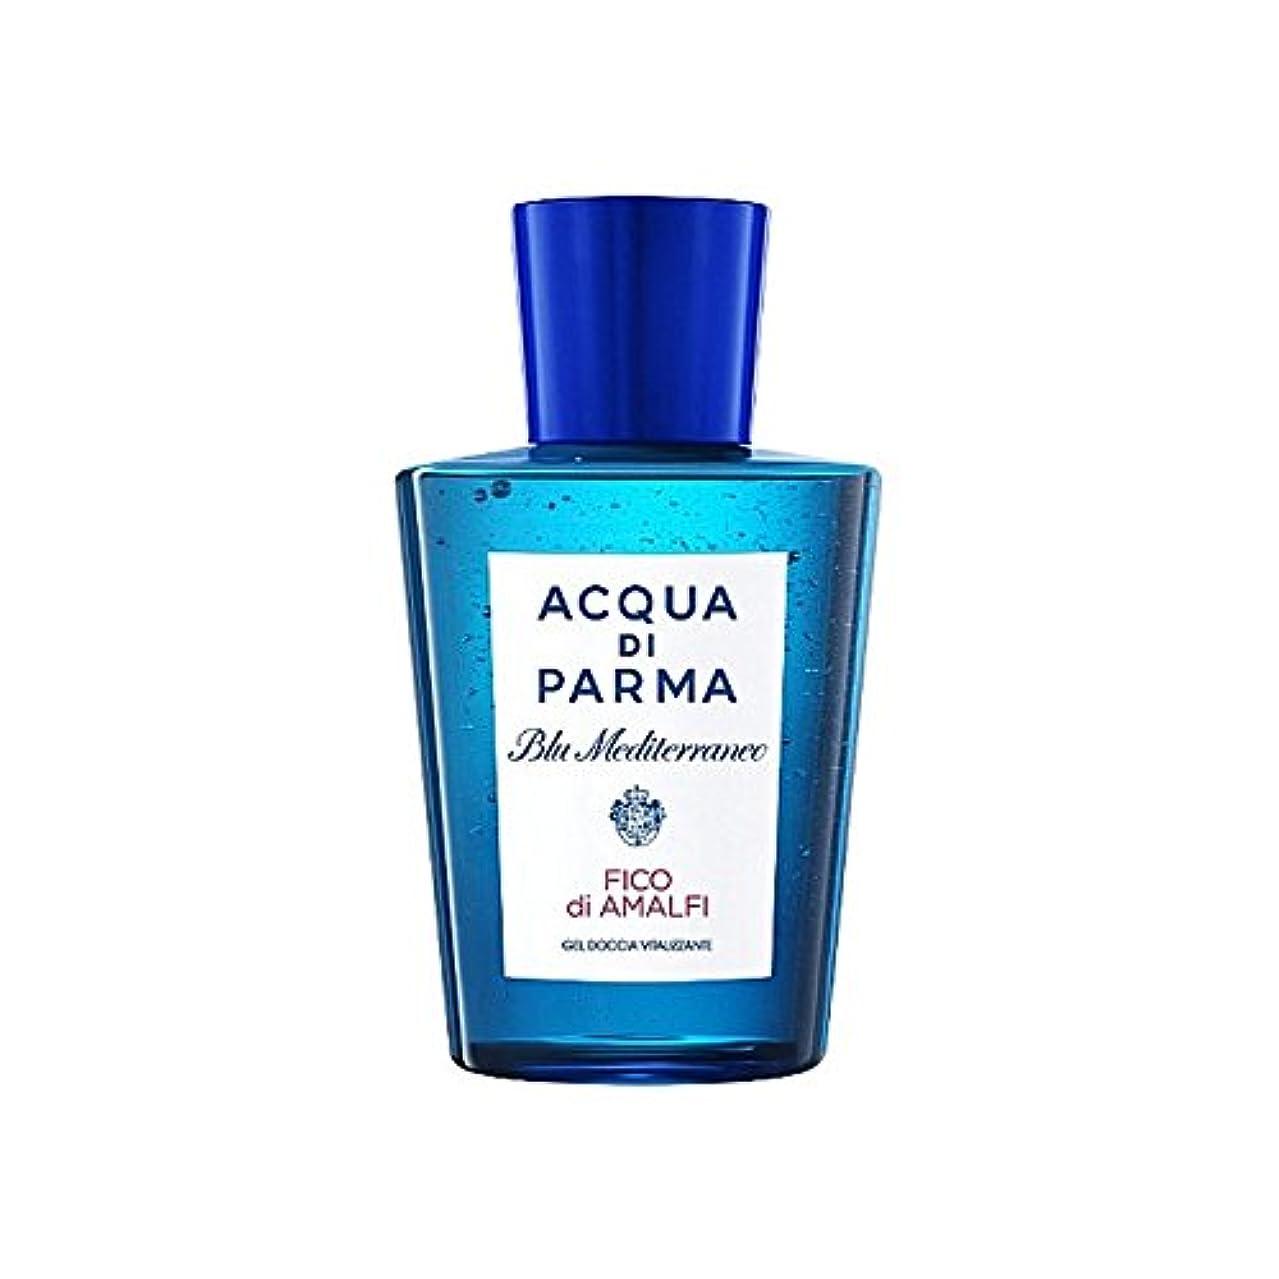 スキニー選挙ジャニスAcqua Di Parma Blu Mediterraneo Fico Di Amalfi Shower Gel 200ml - アクアディパルマブルーメディジアマルフィシャワージェル200 [並行輸入品]